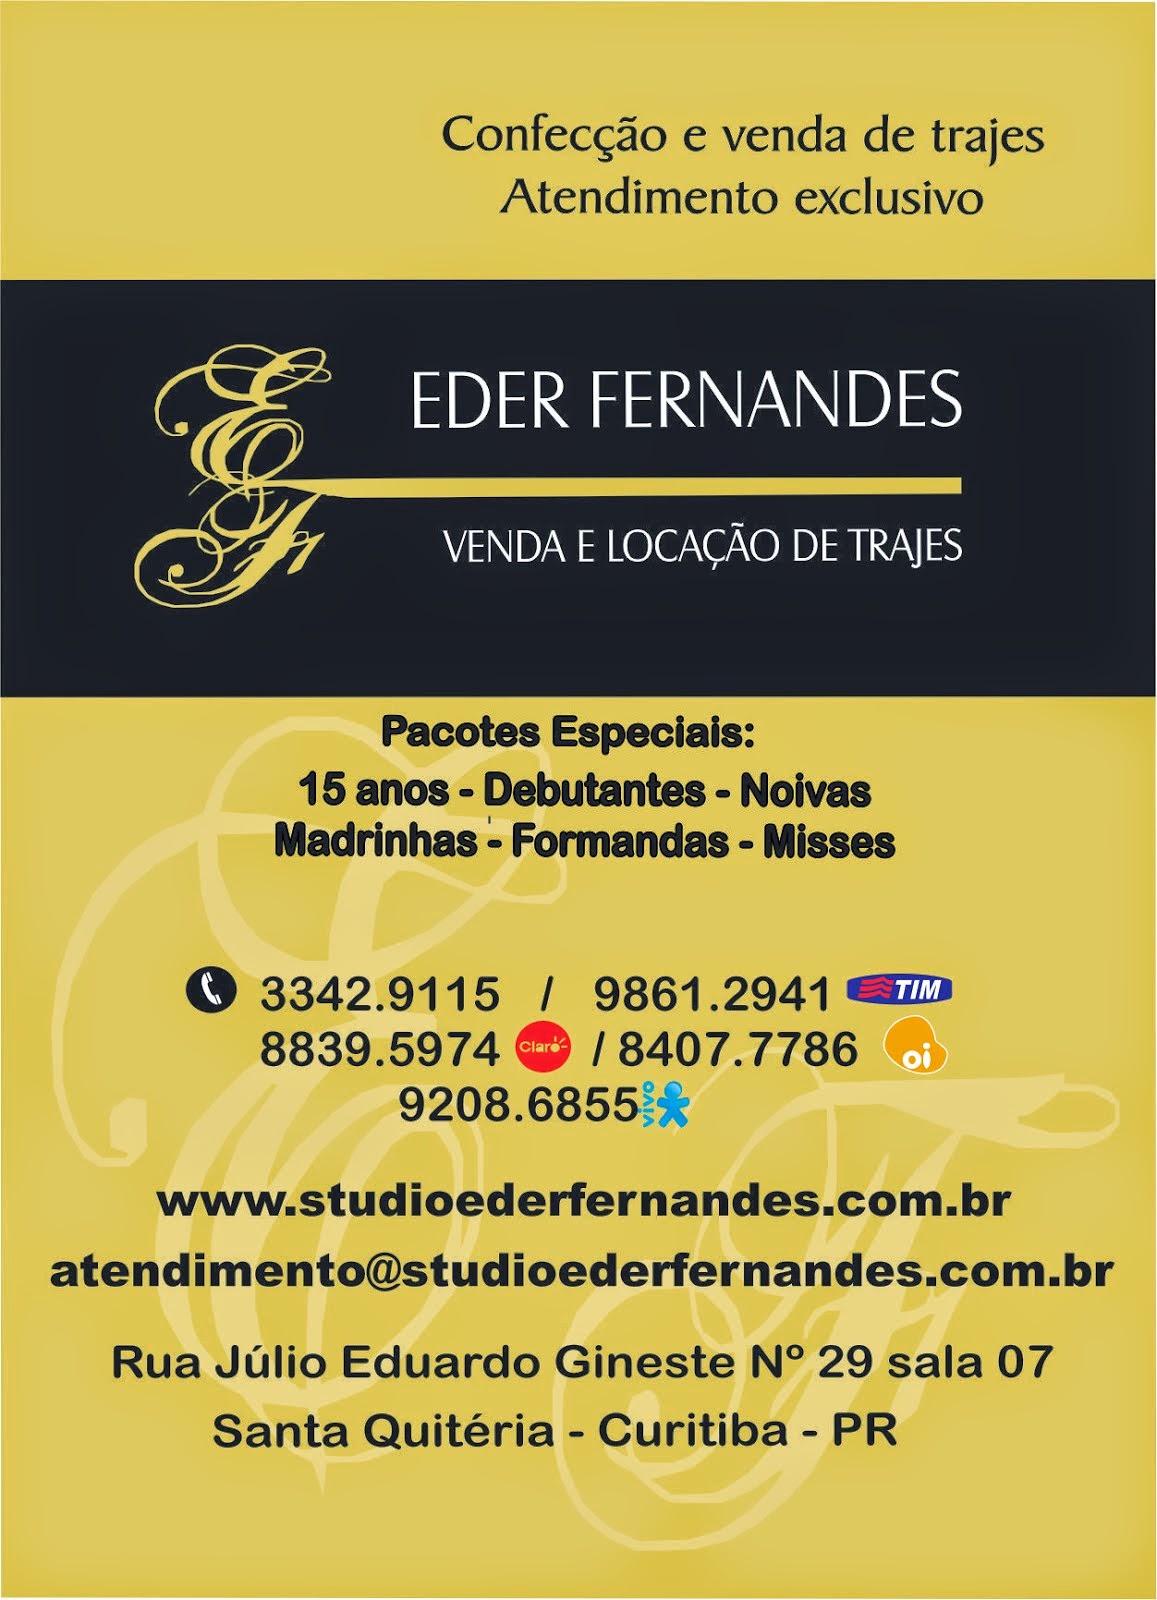 ACESSE: Atelier Eder Fernandes